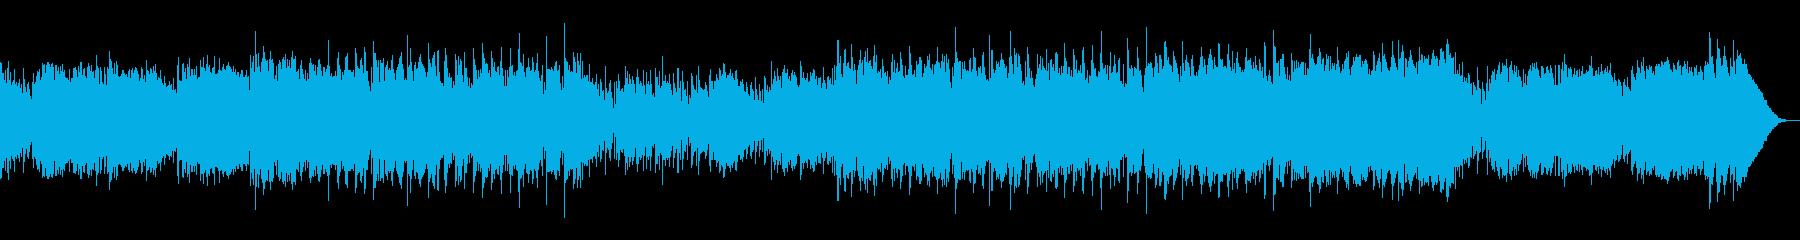 オープニング・おしゃれでかわいいR&Bの再生済みの波形